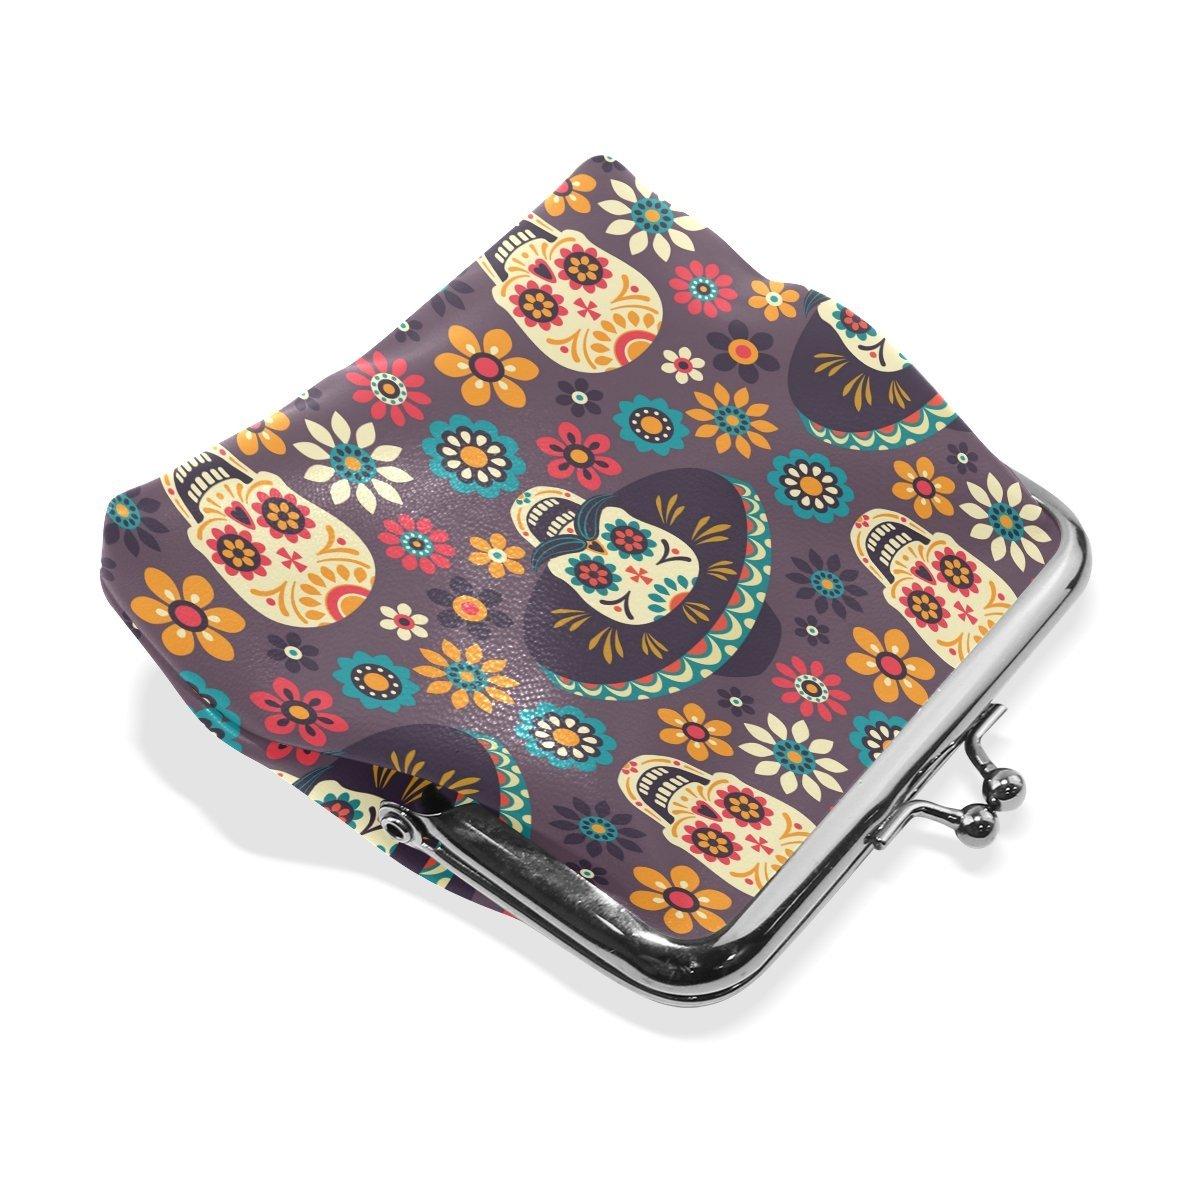 Amazon.com: Monedero de piel con diseño de calaveras ...